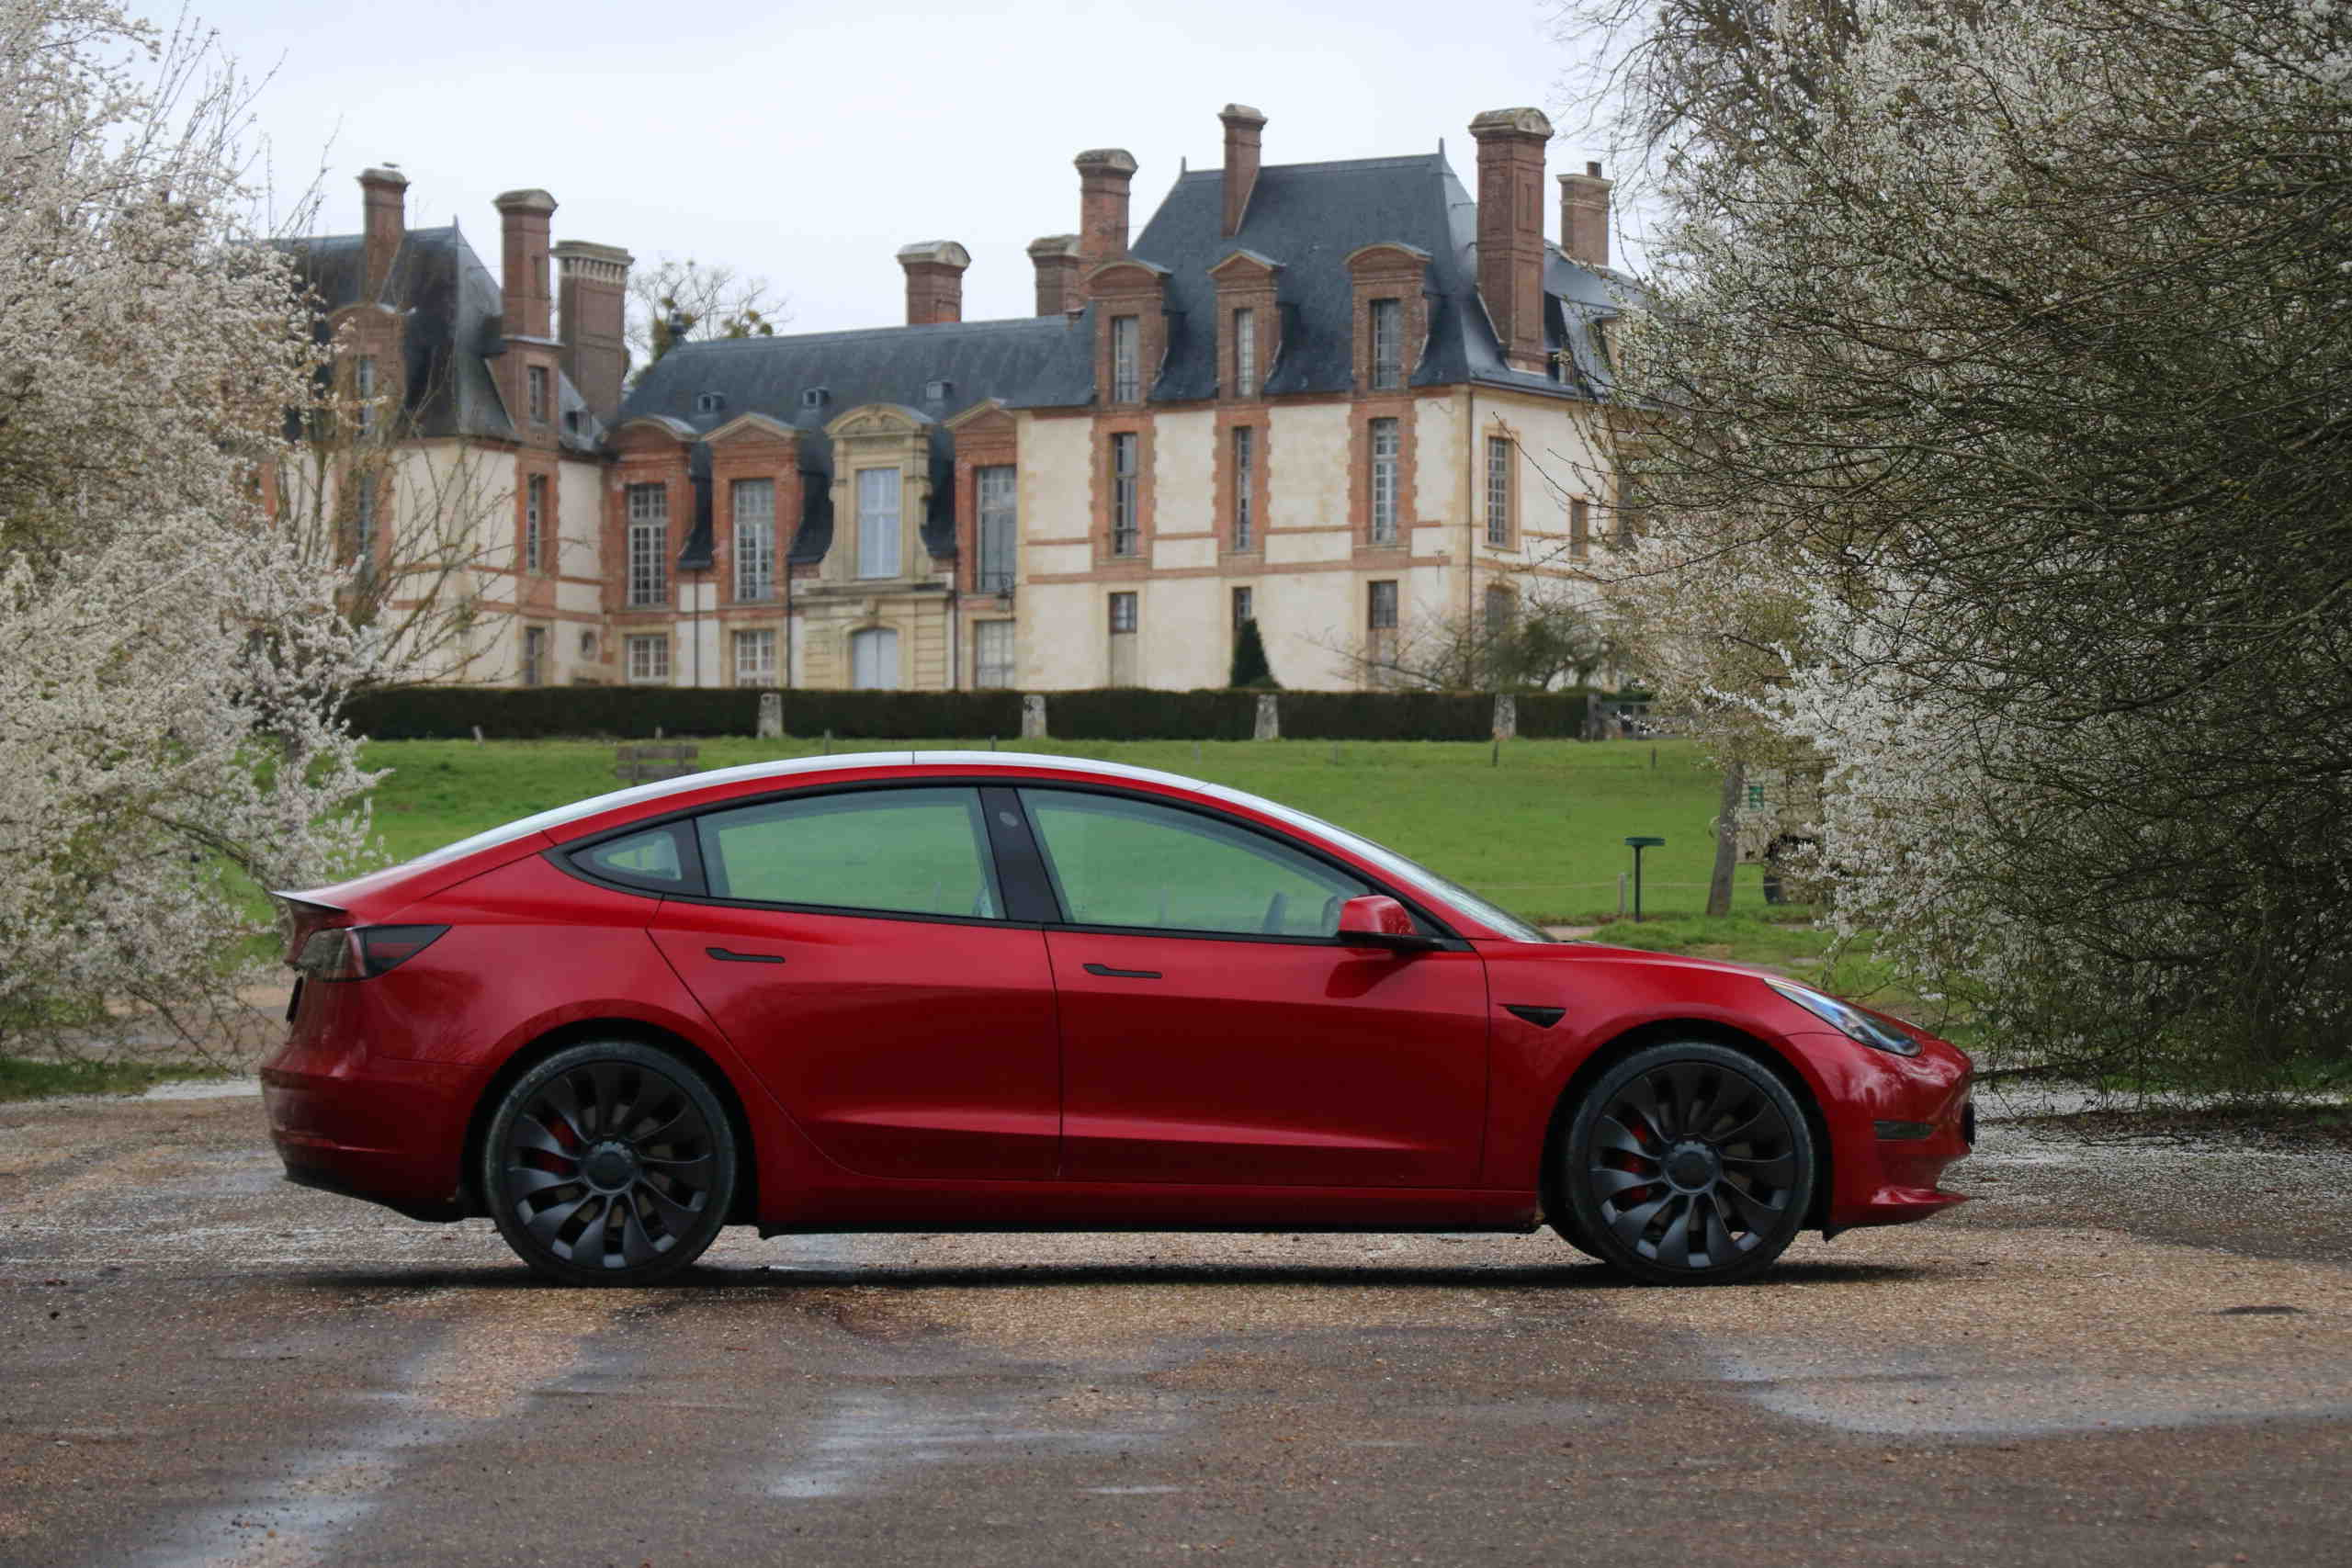 """Le point faible: un """"univers Tesla"""" à apprivoiser"""